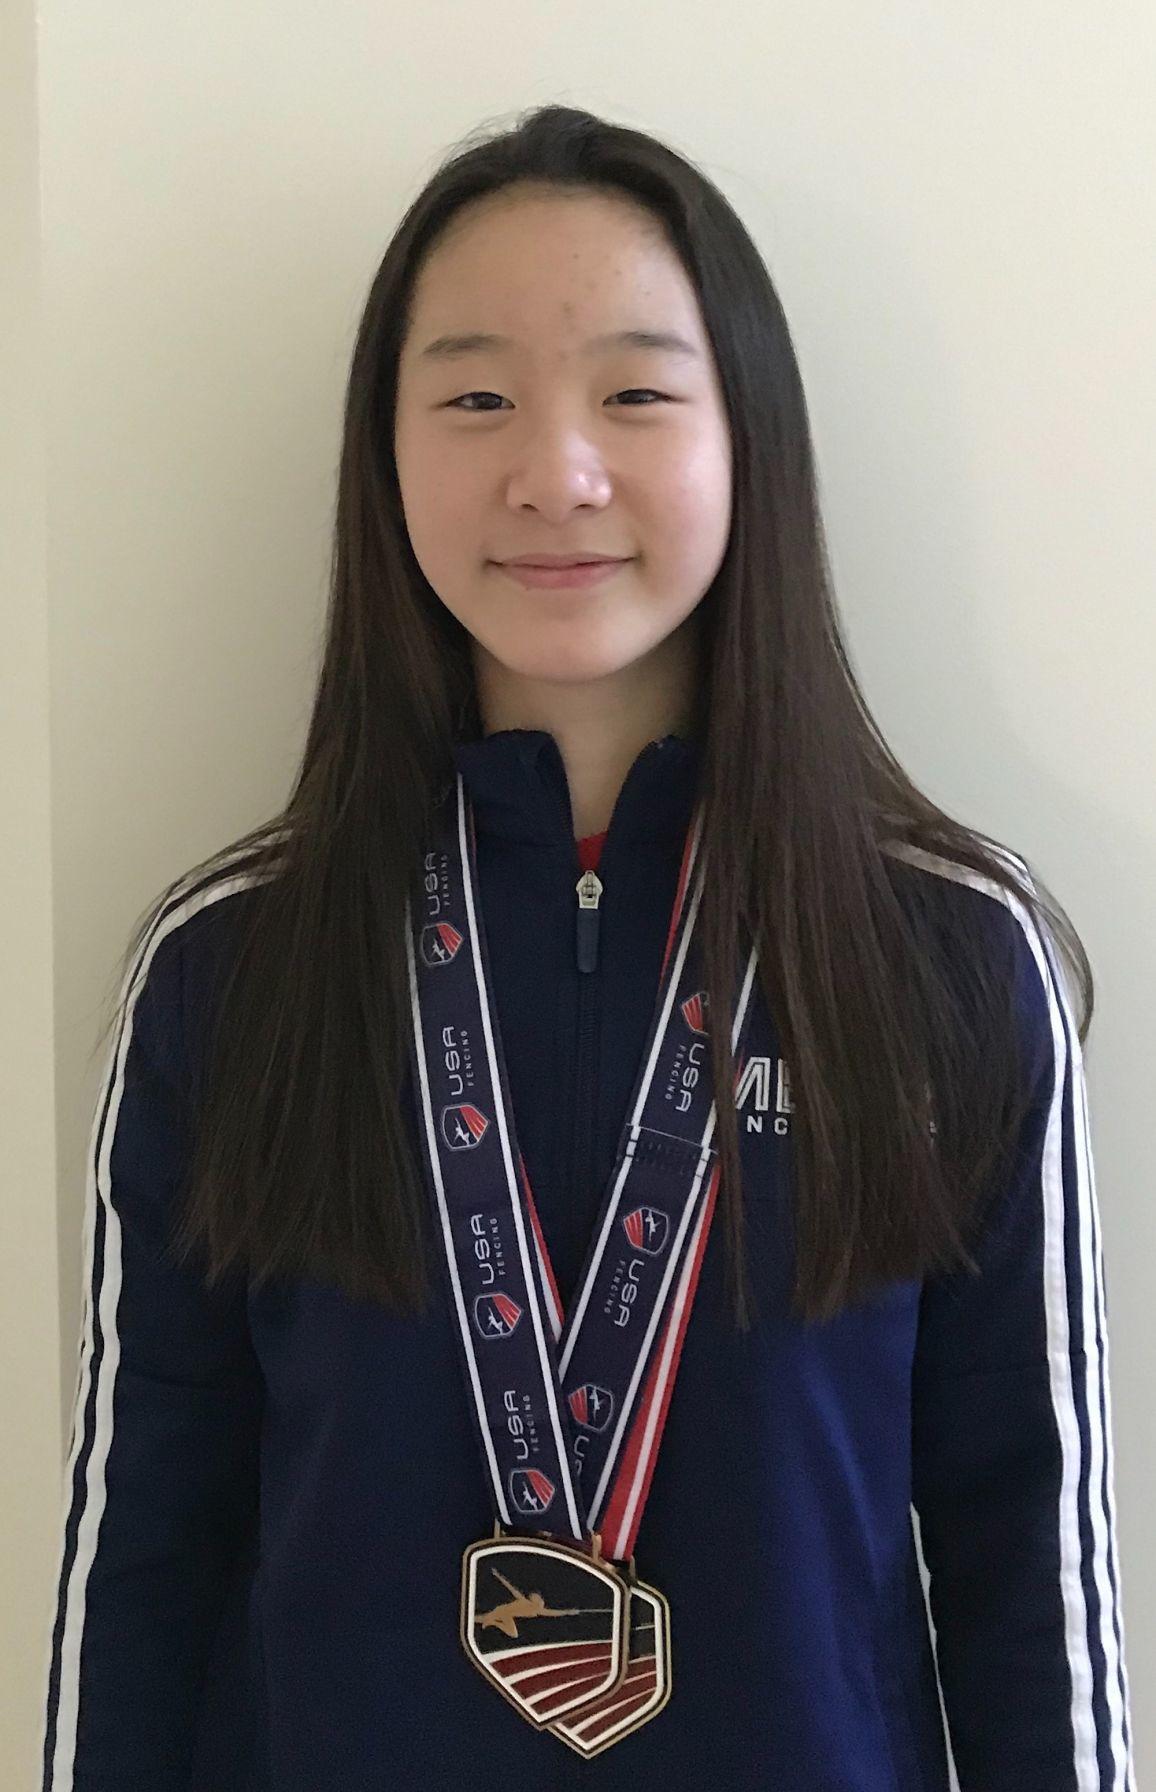 Zoe Kim fencing